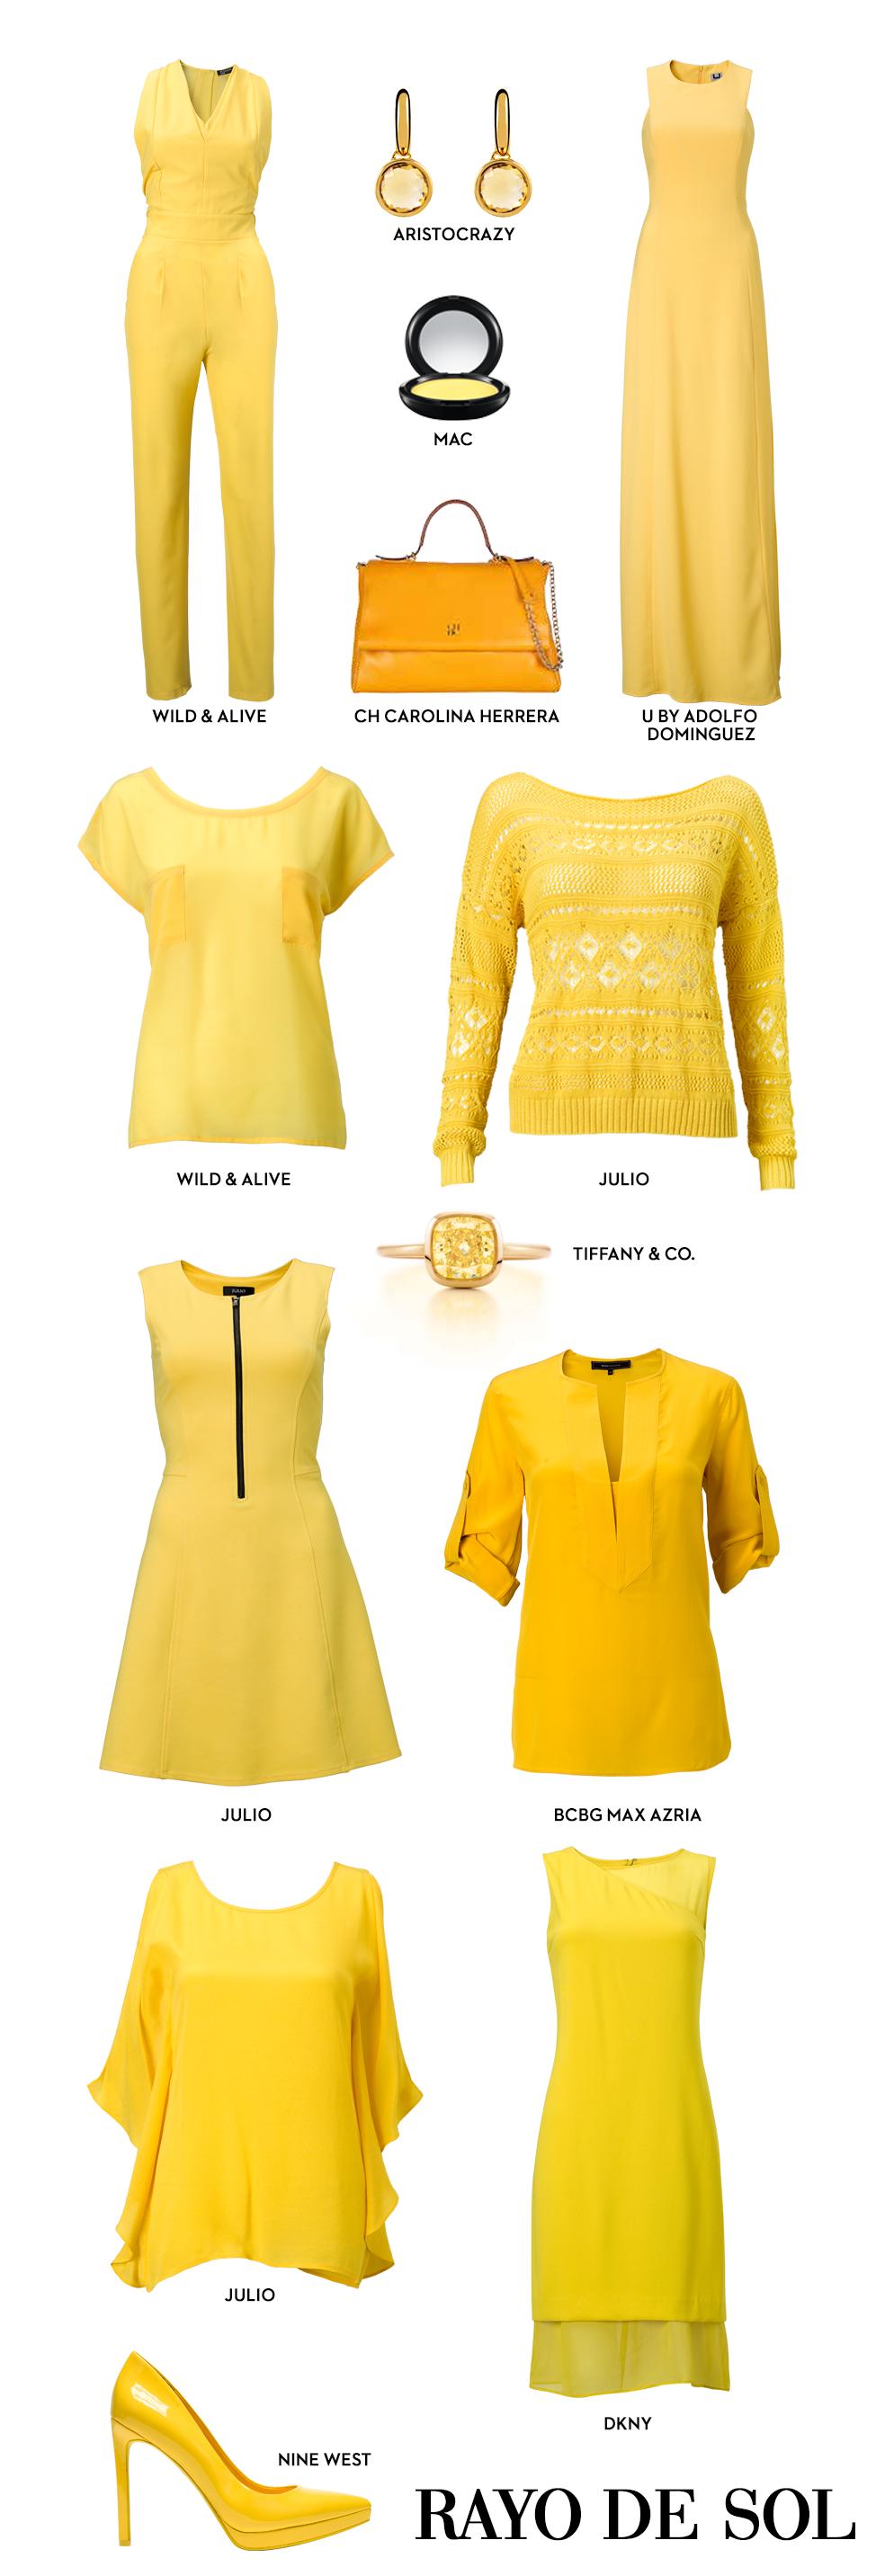 El amarillo ilumina esta temporada marcando una fuerte tendencia en el guardarropa femenino. - El Palacio de Hierro - El Libro Amarillo Primavera/Verano 2014